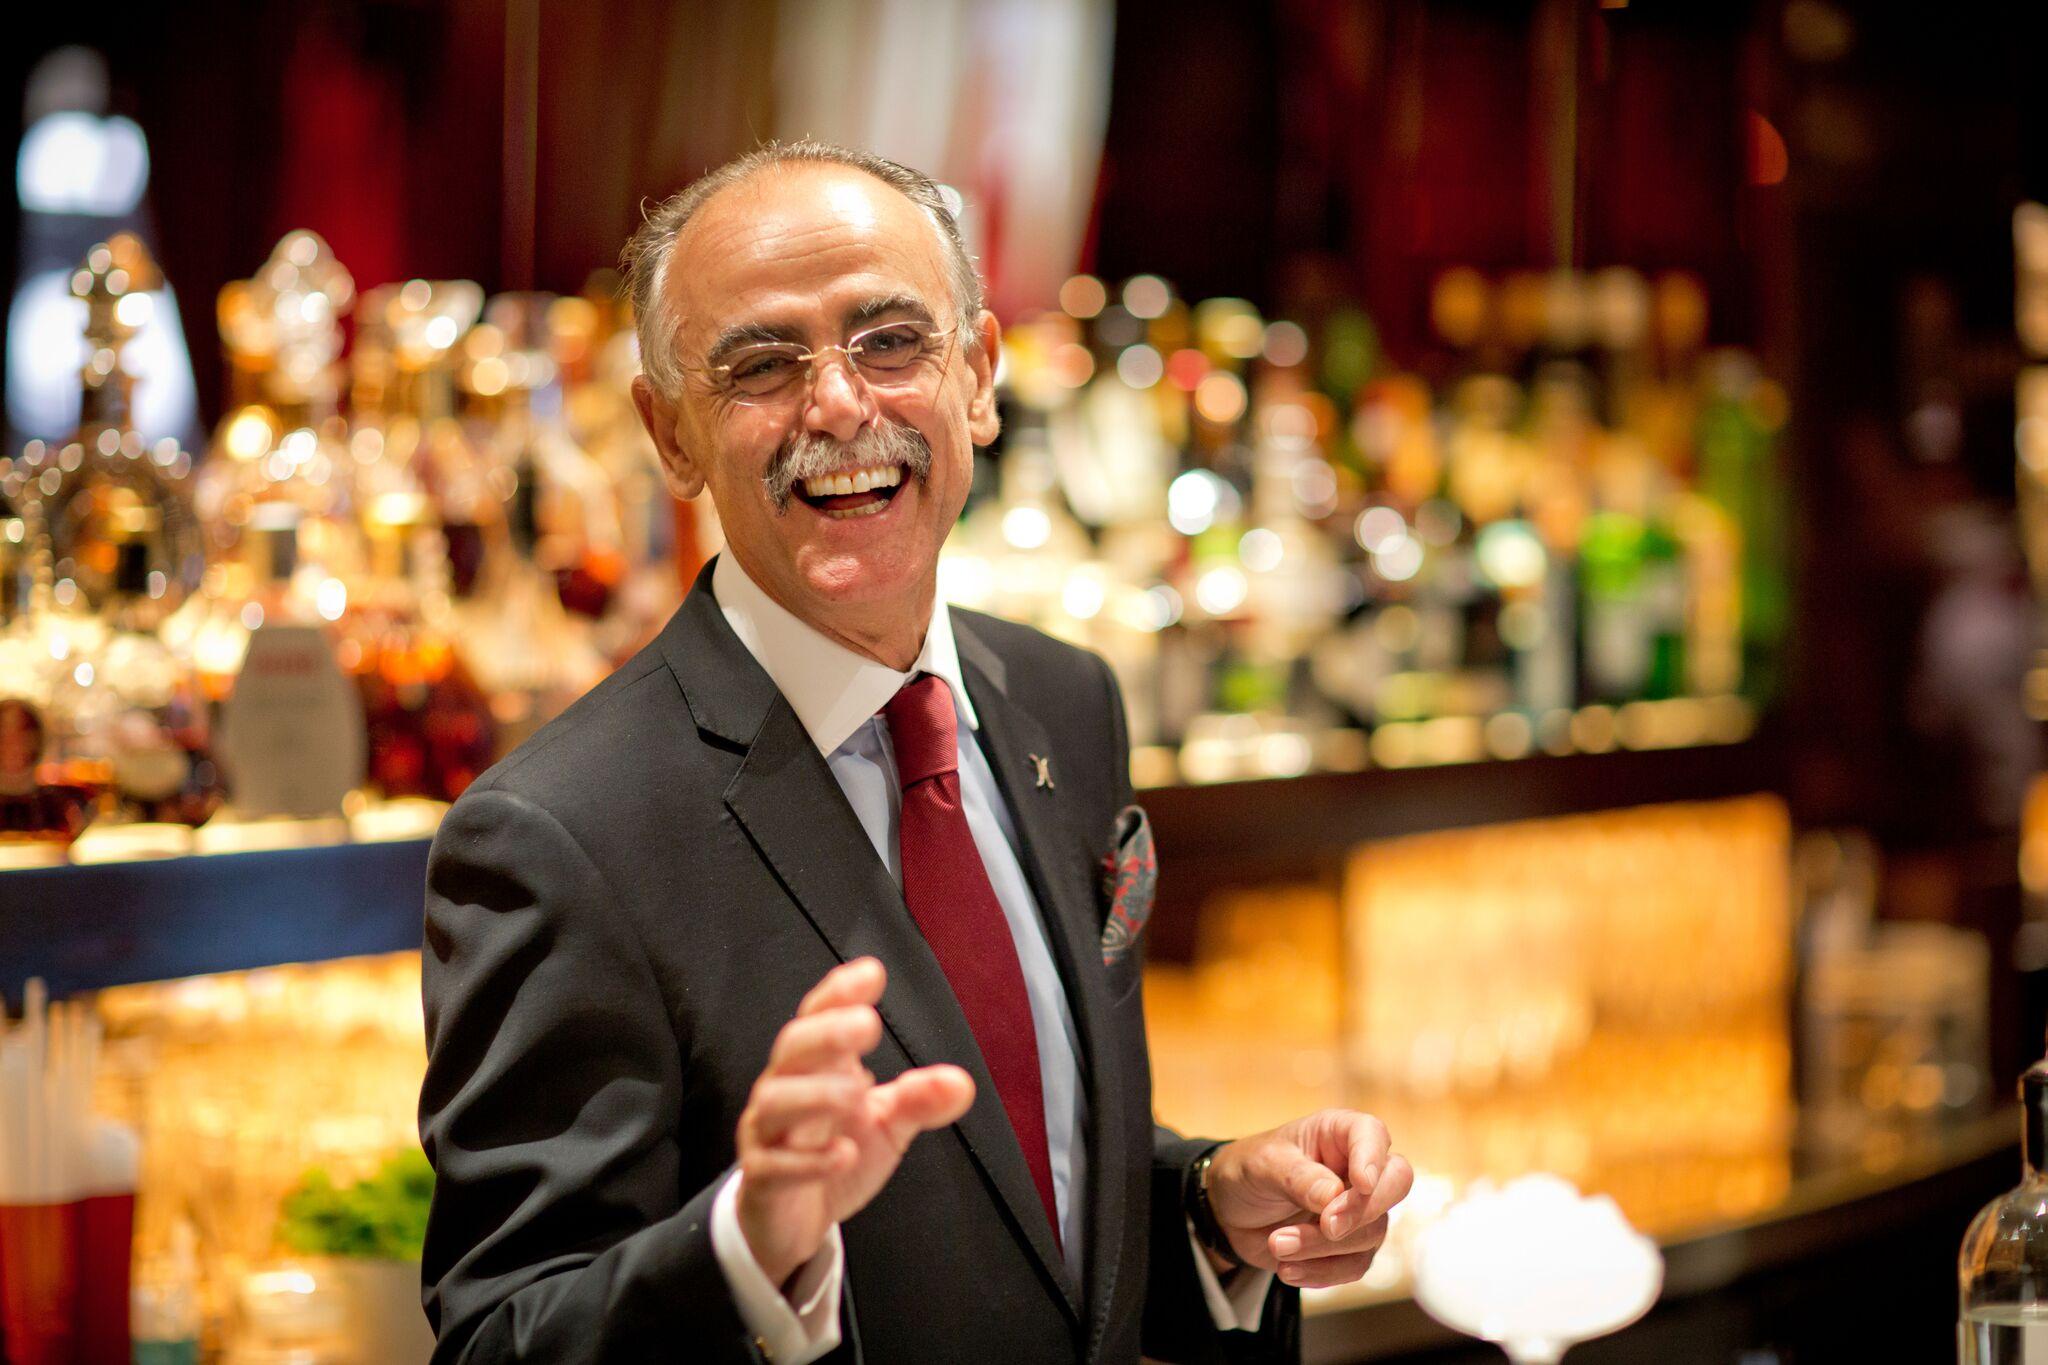 The Dorchester Bar Manager, Giuliano Morandin